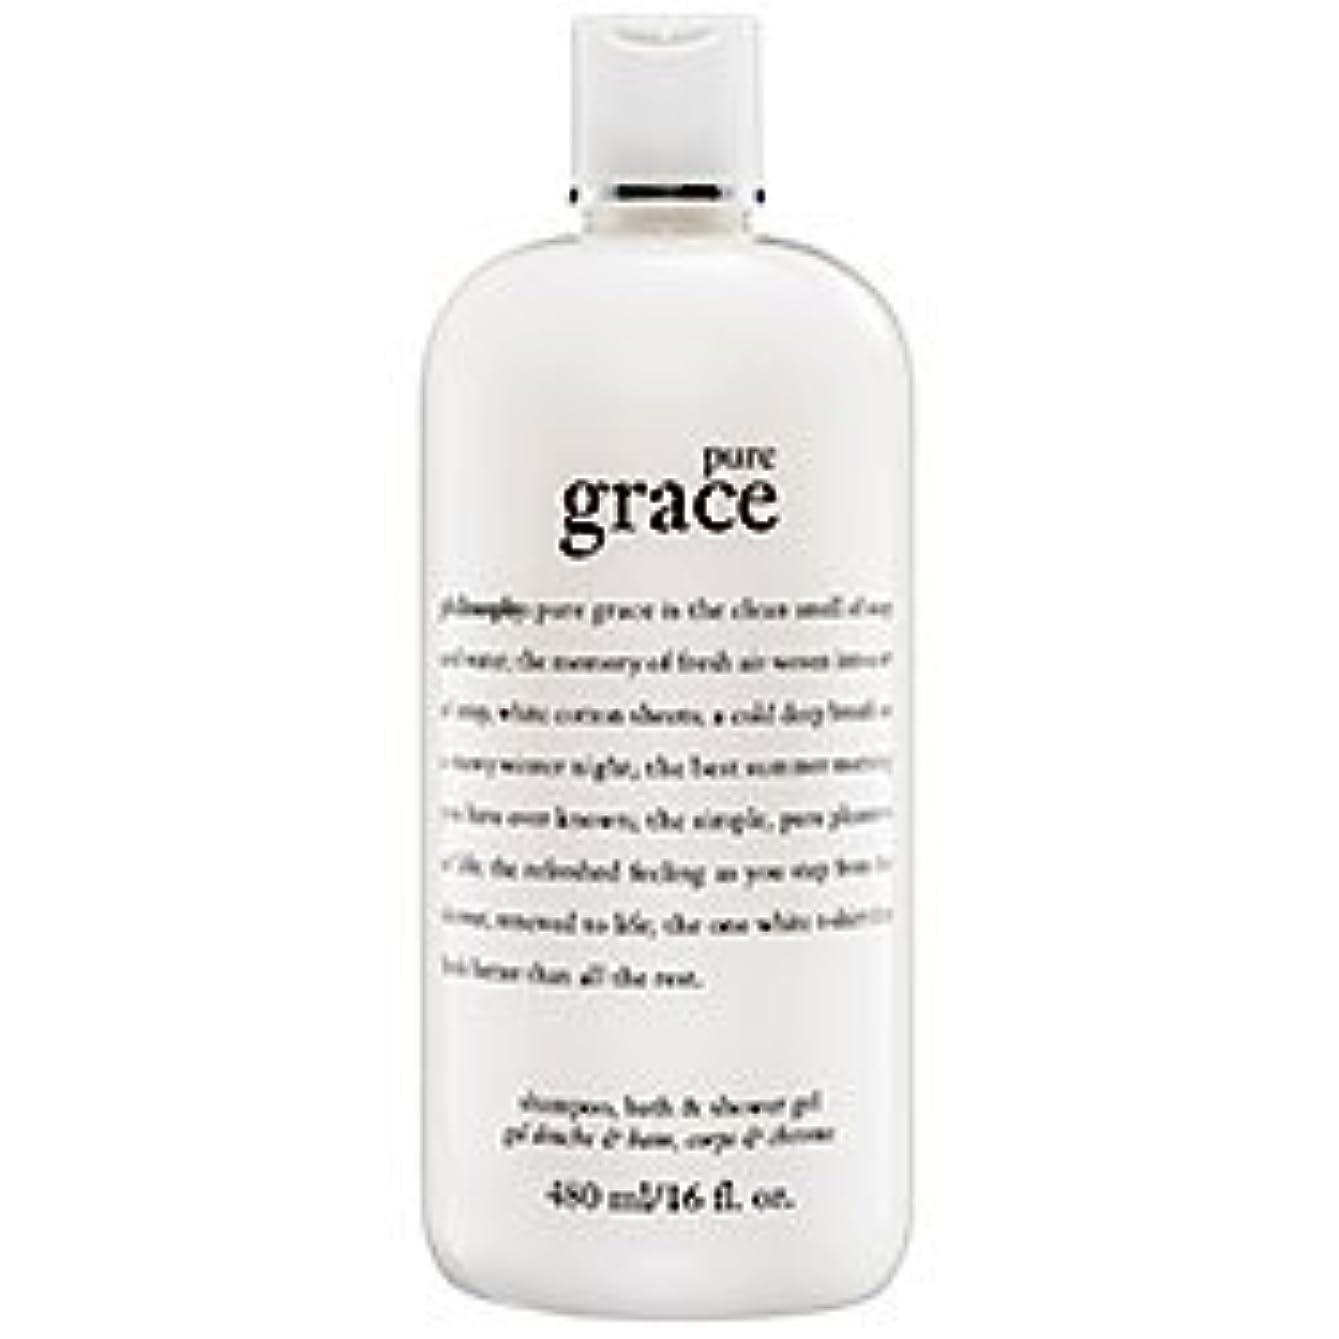 社交的ミリメートルボトルネックpure grace (ピュアグレイス ) 16.0 oz (480ml) foaming bath and shower gel for Women